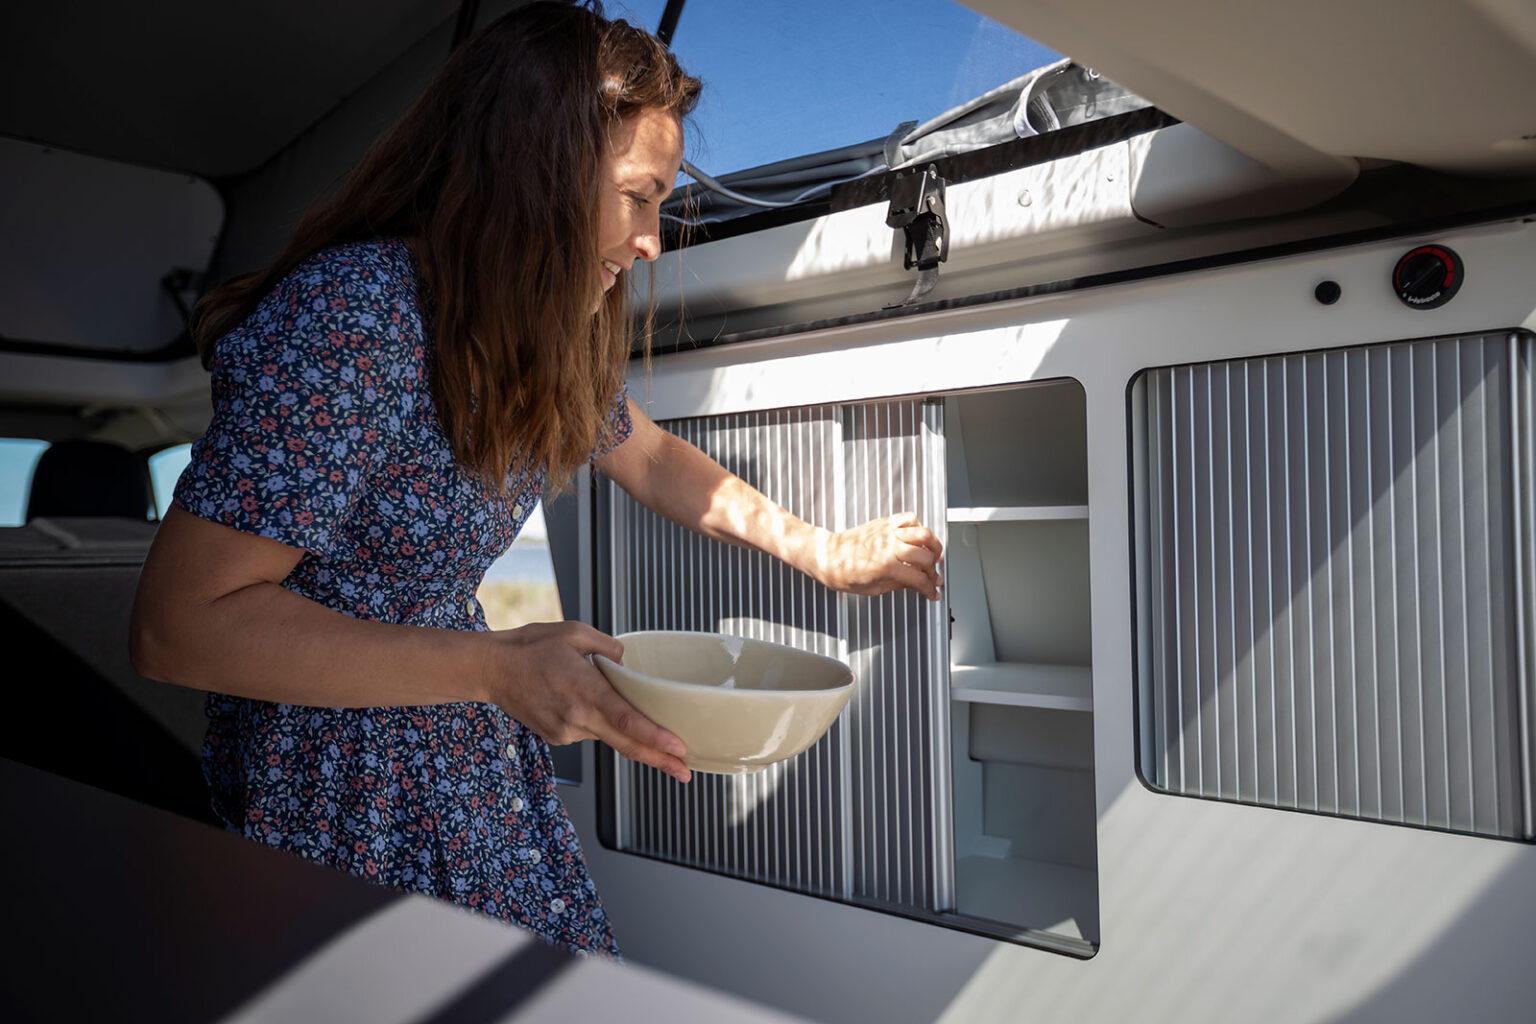 Panama Van Kitchen Storage